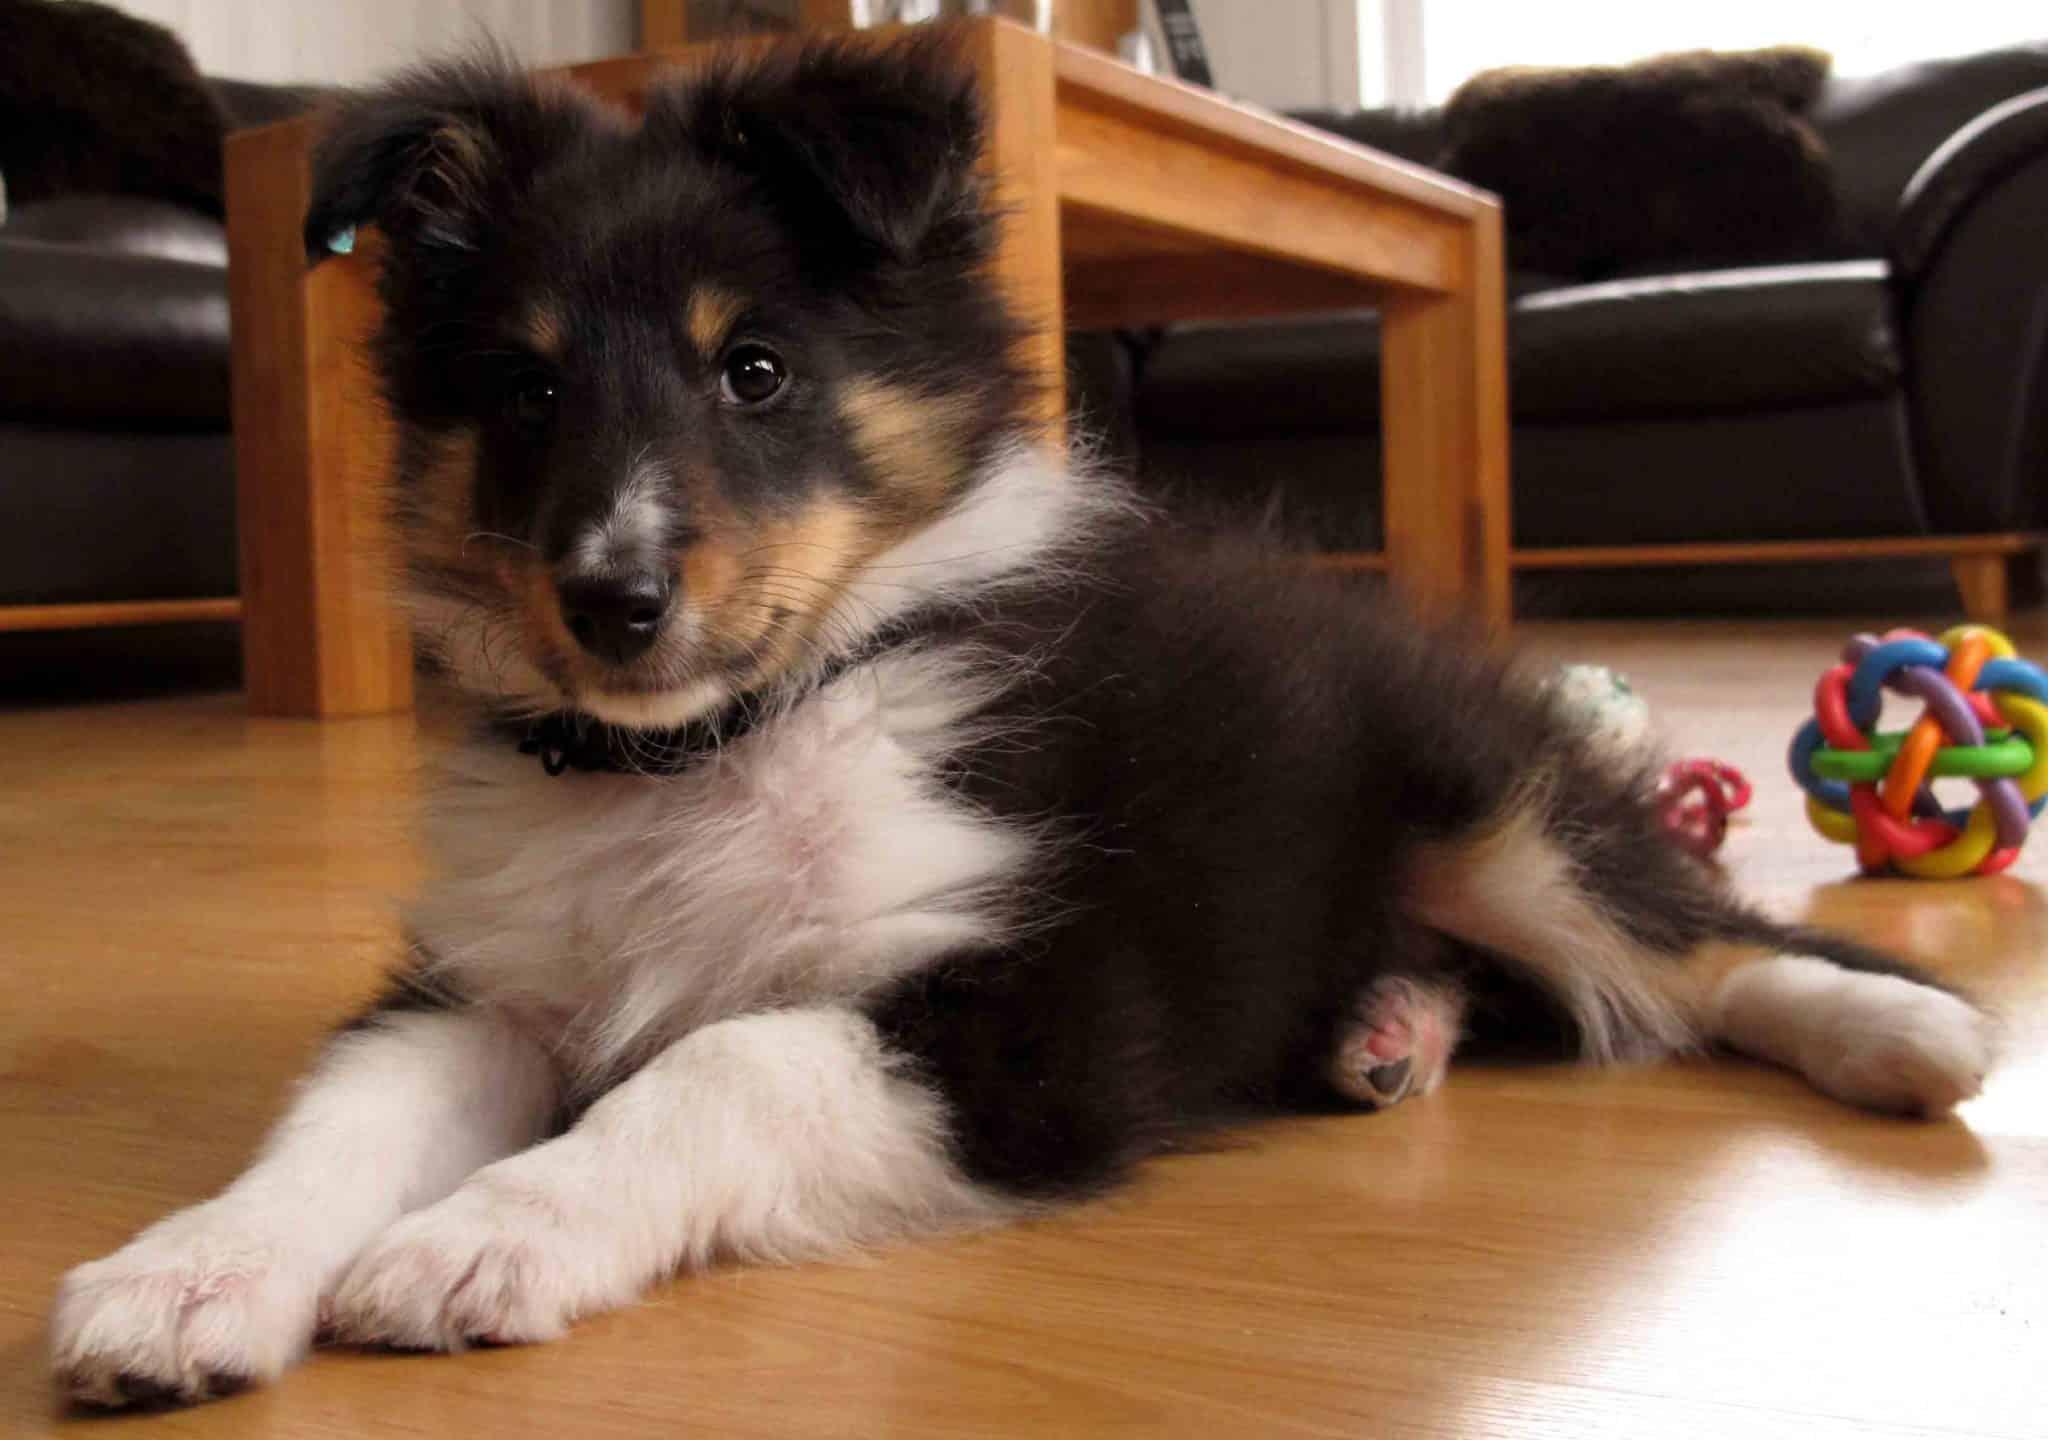 Kompis, 71 dager gammel. Nå han spiser Royal Canins valpefor, blir han mildt sagt hyper. Som om det var speed. (johnsteffensen.no)